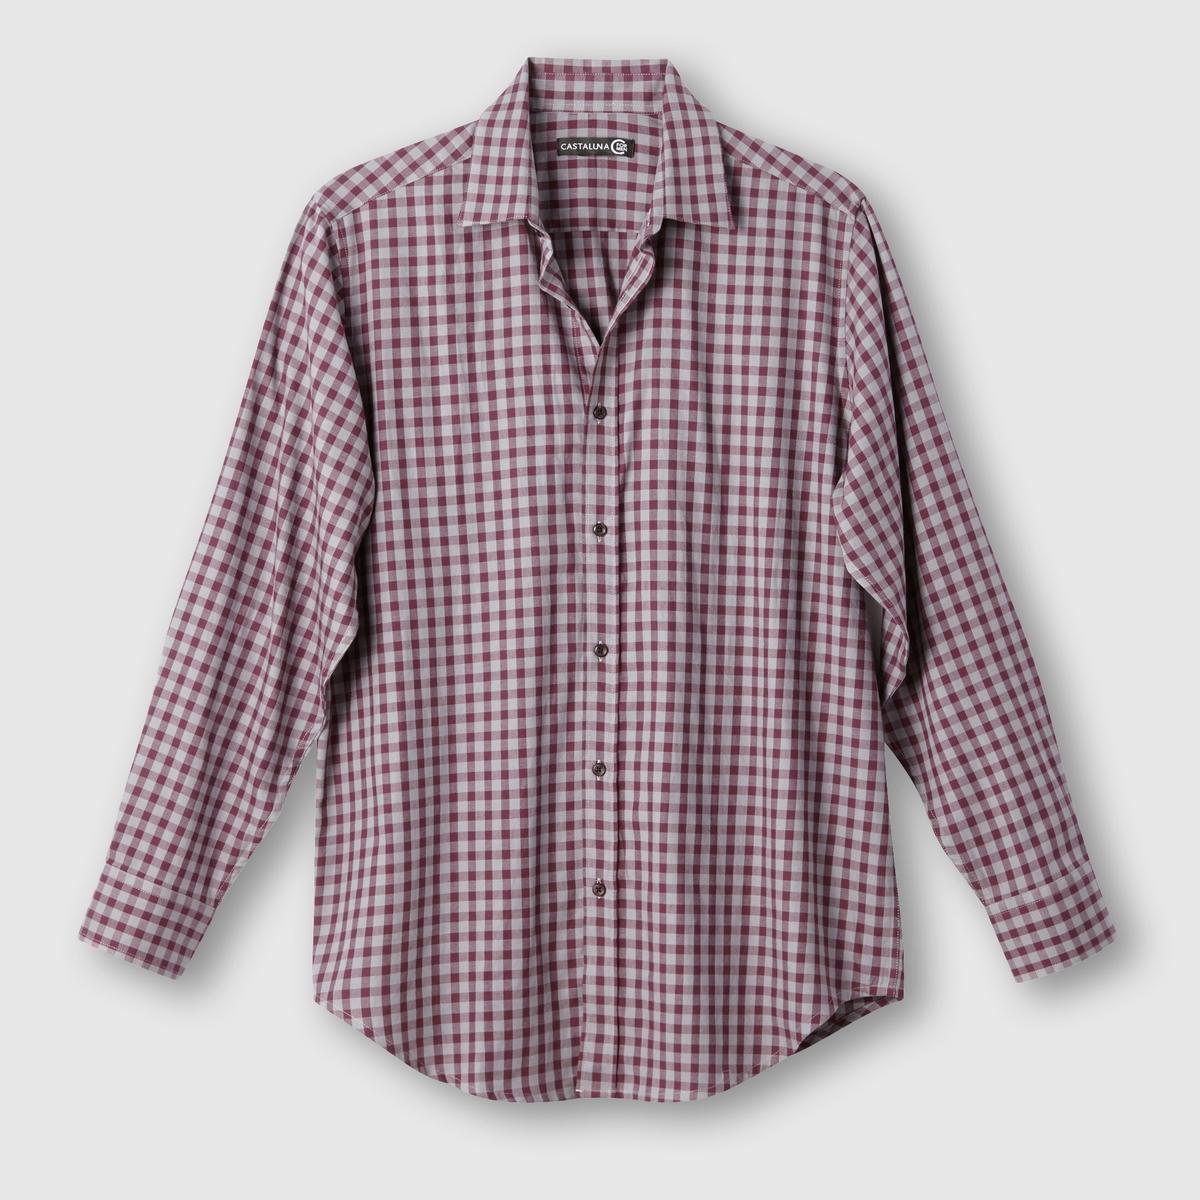 Рубашка в клеткуРубашка в клетку. Длинные рукава. 2 складки сзади для большего комфорта. Рисунок в клетку крашеной нитью,  100% хлопка. Длина 85 см .<br><br>Цвет: бордовый/ серый<br>Размер: 53/54